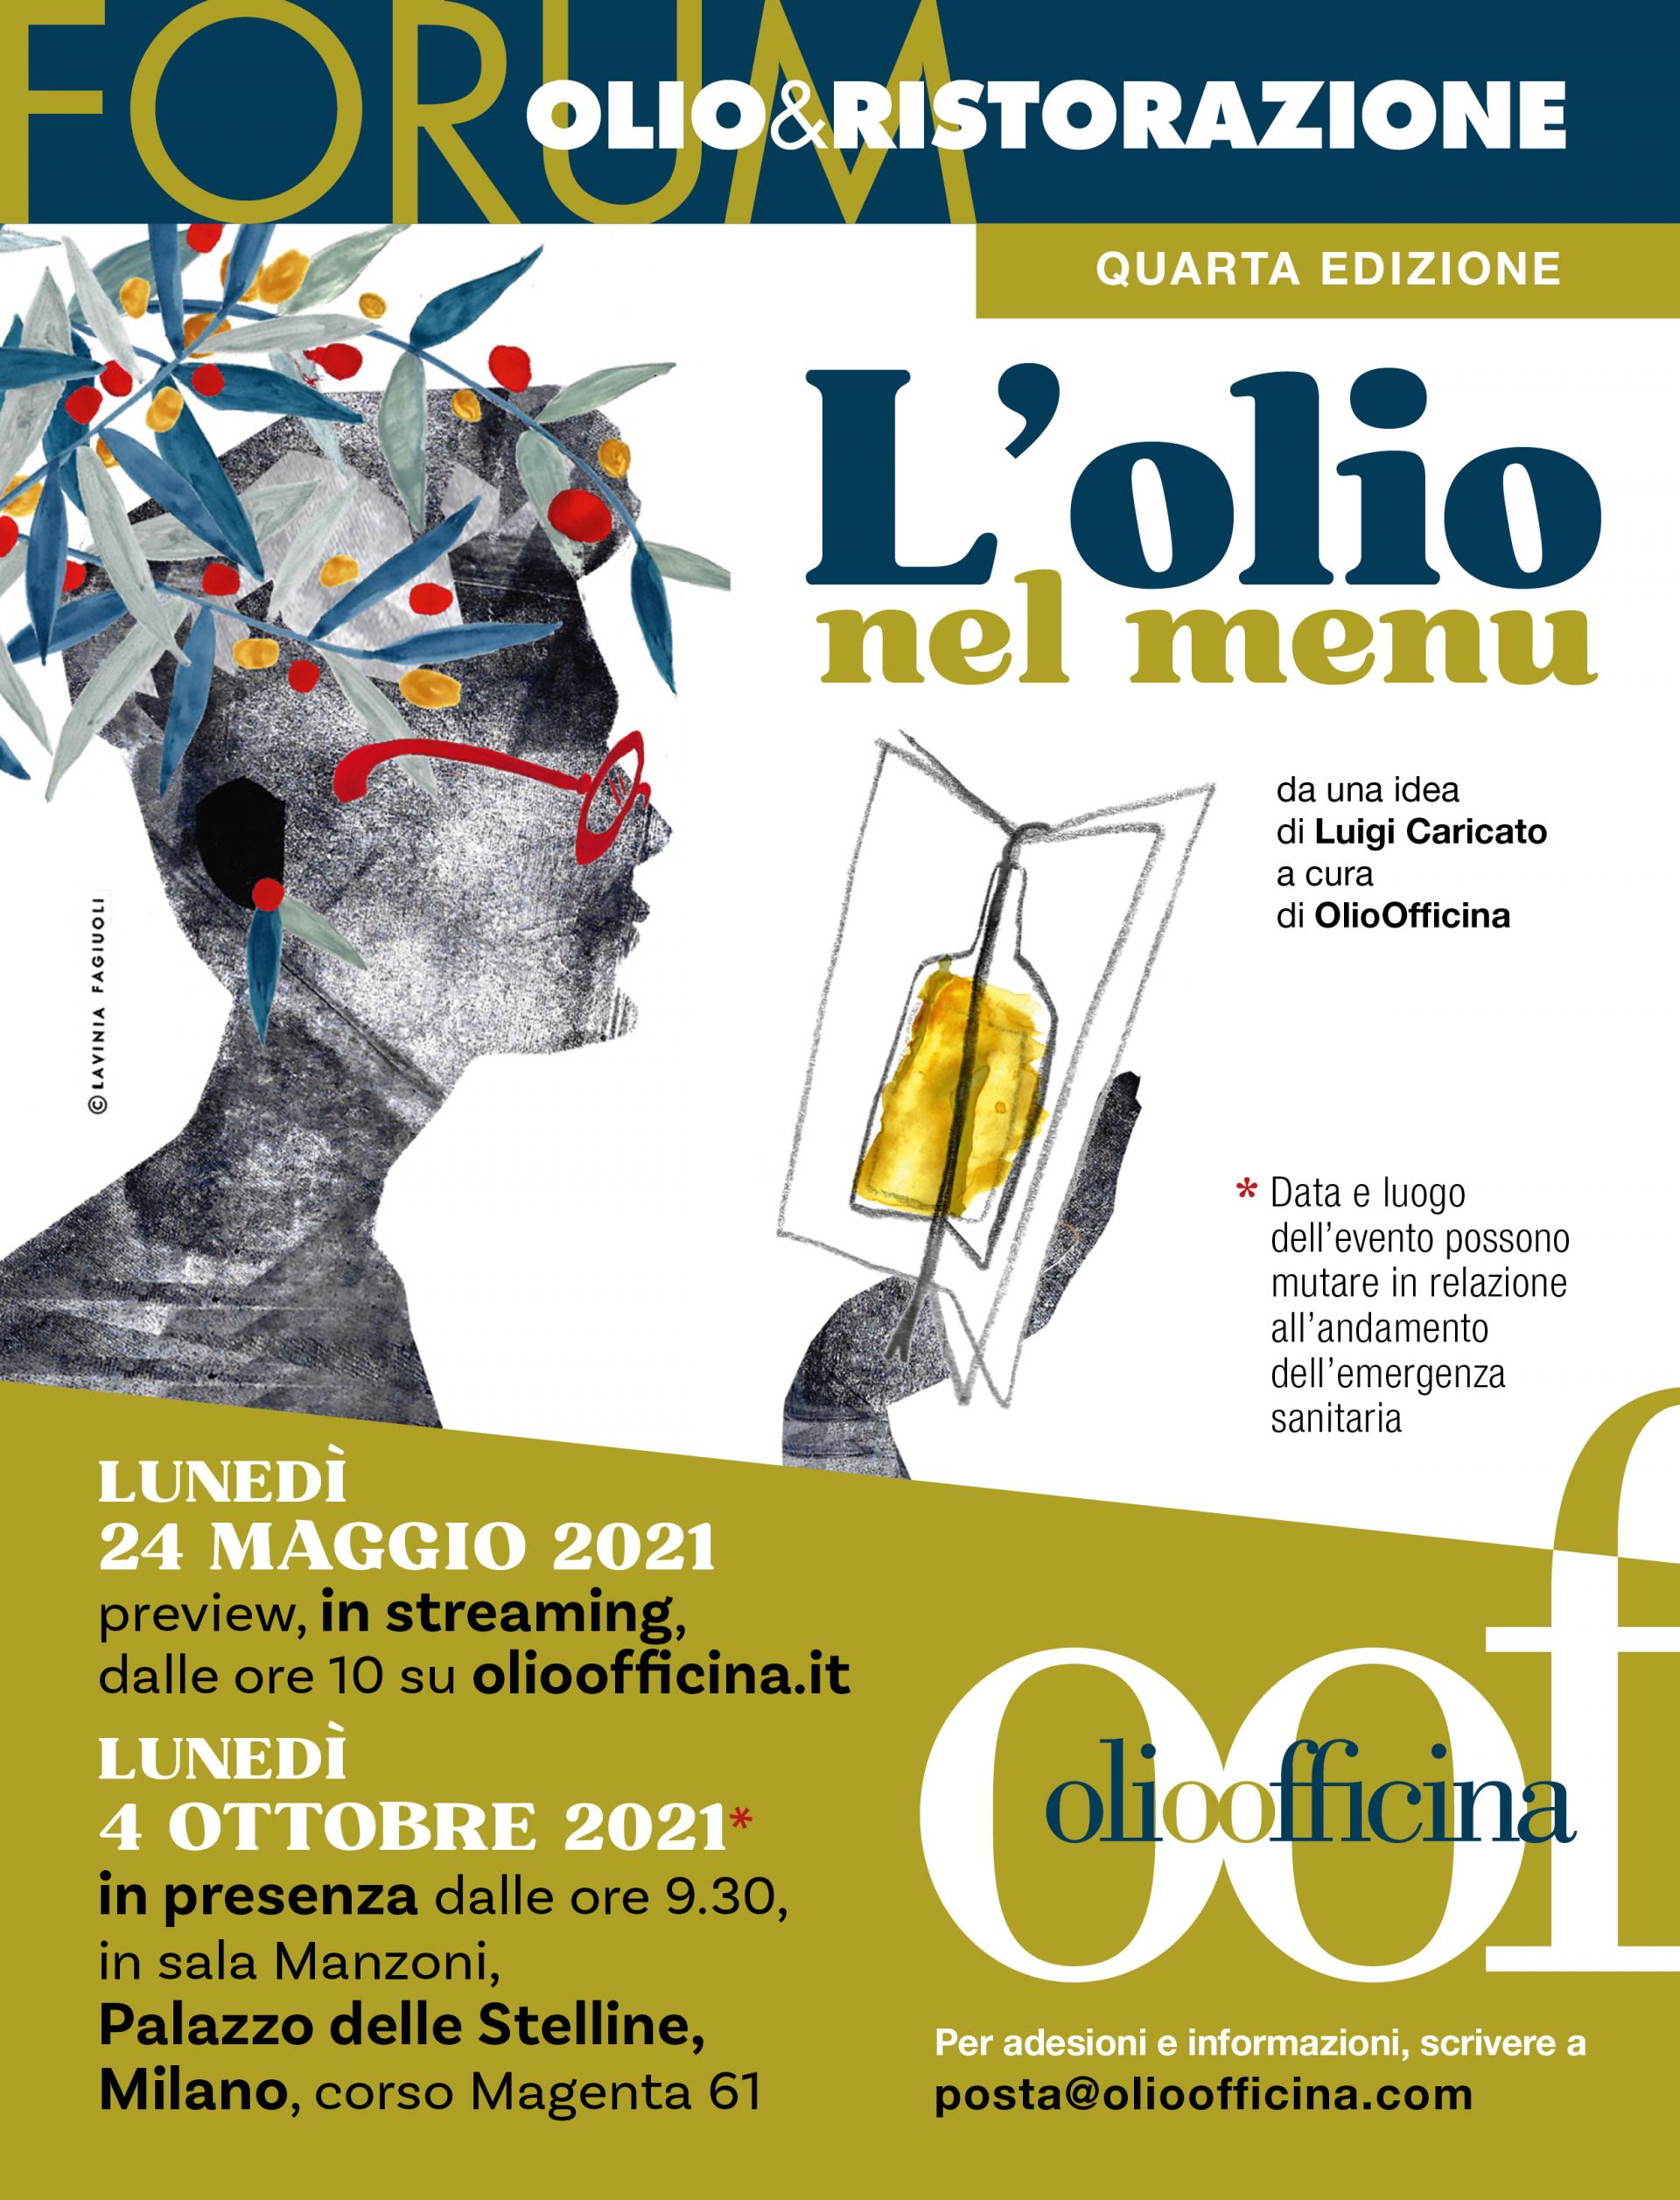 Quarta edizione del Forum Olio & Ristorazione. Aggiornamenti